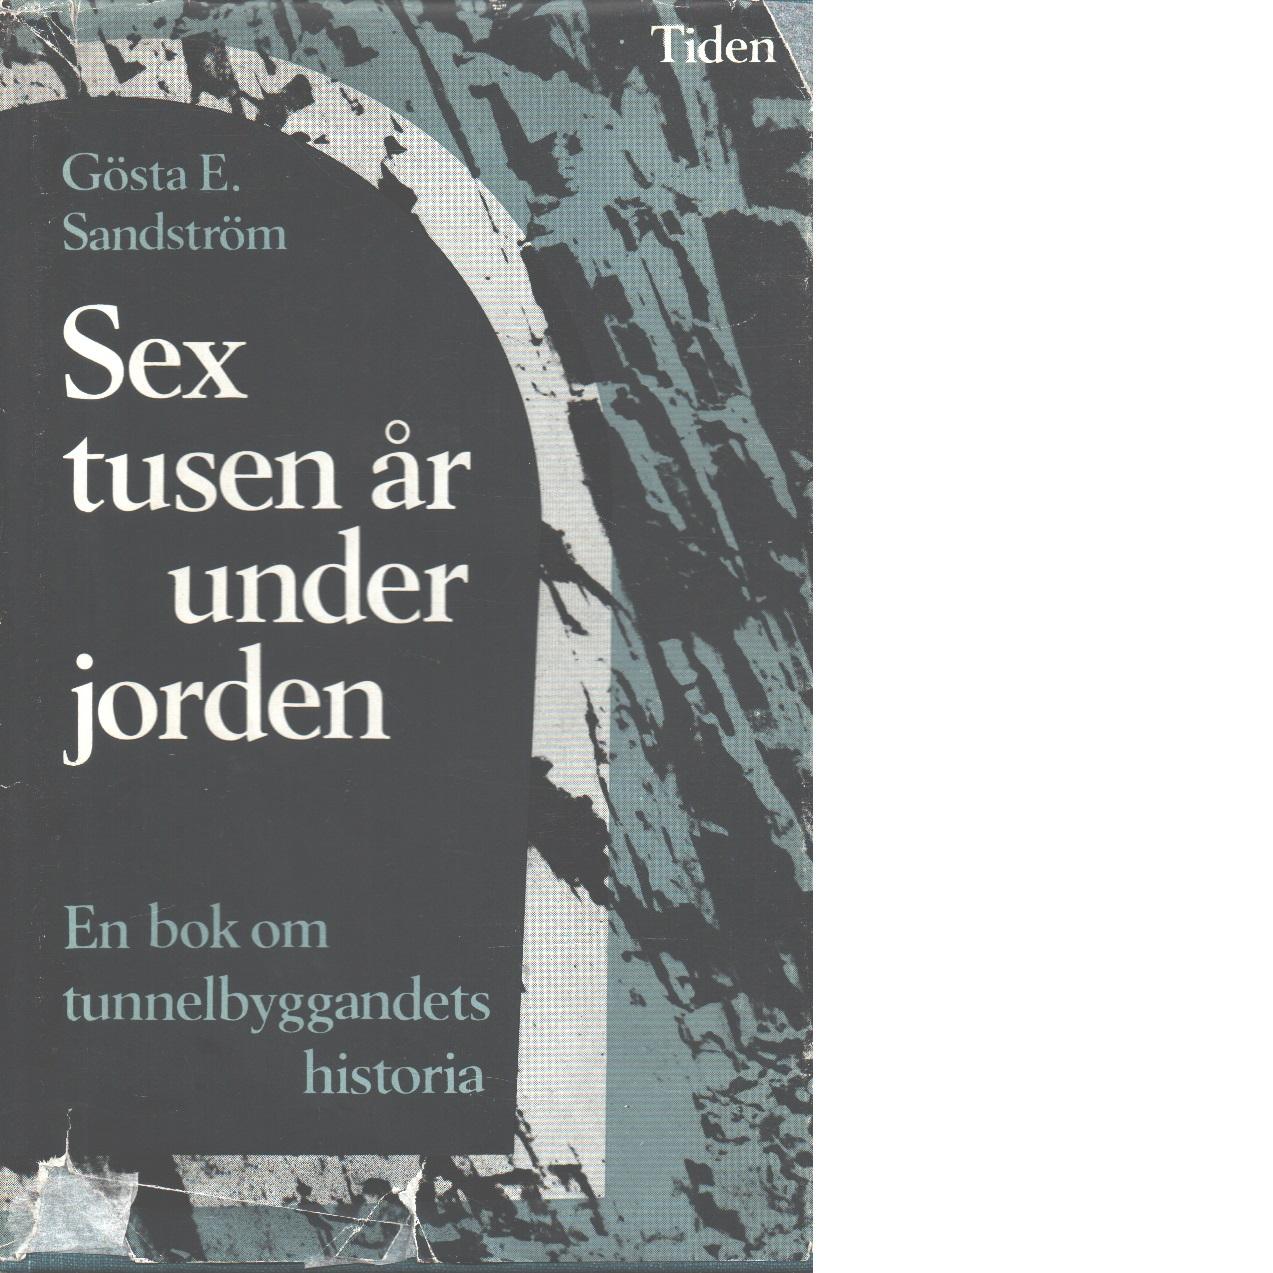 Sex tusen år under jorden - Sandström, Gösta E.